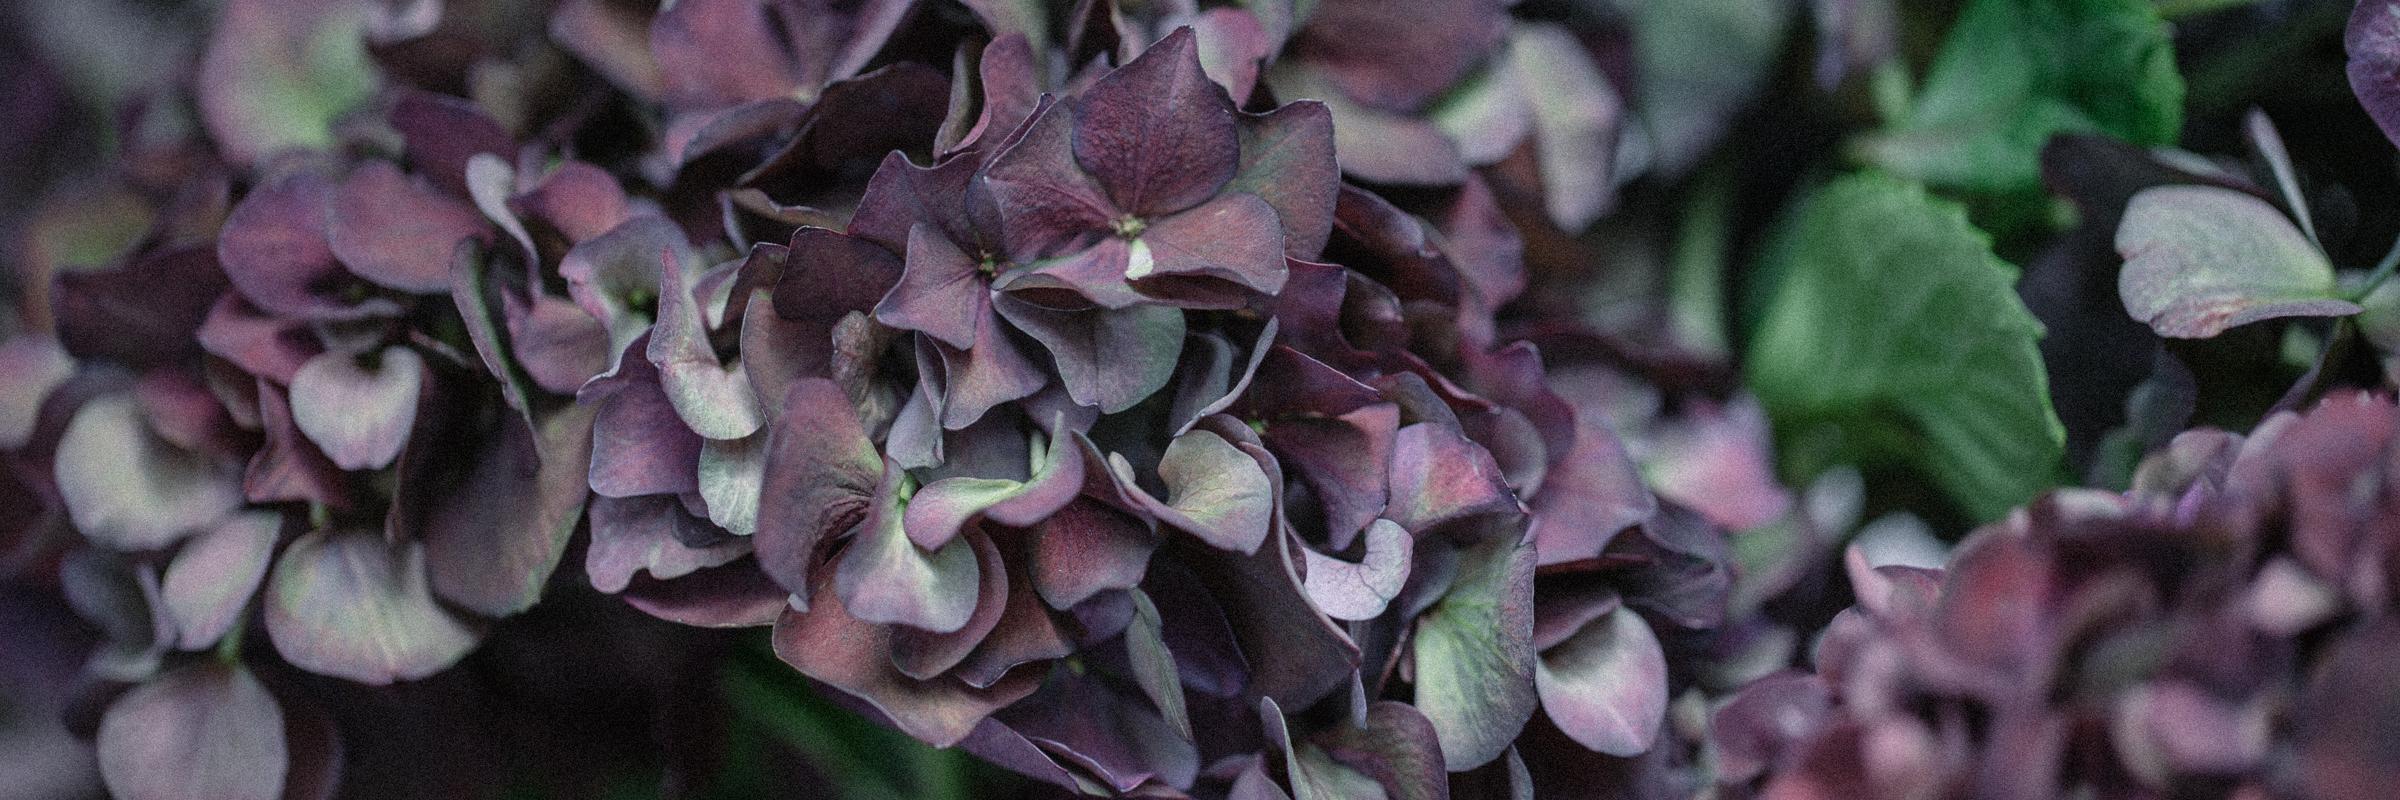 Flowerona Slider 1